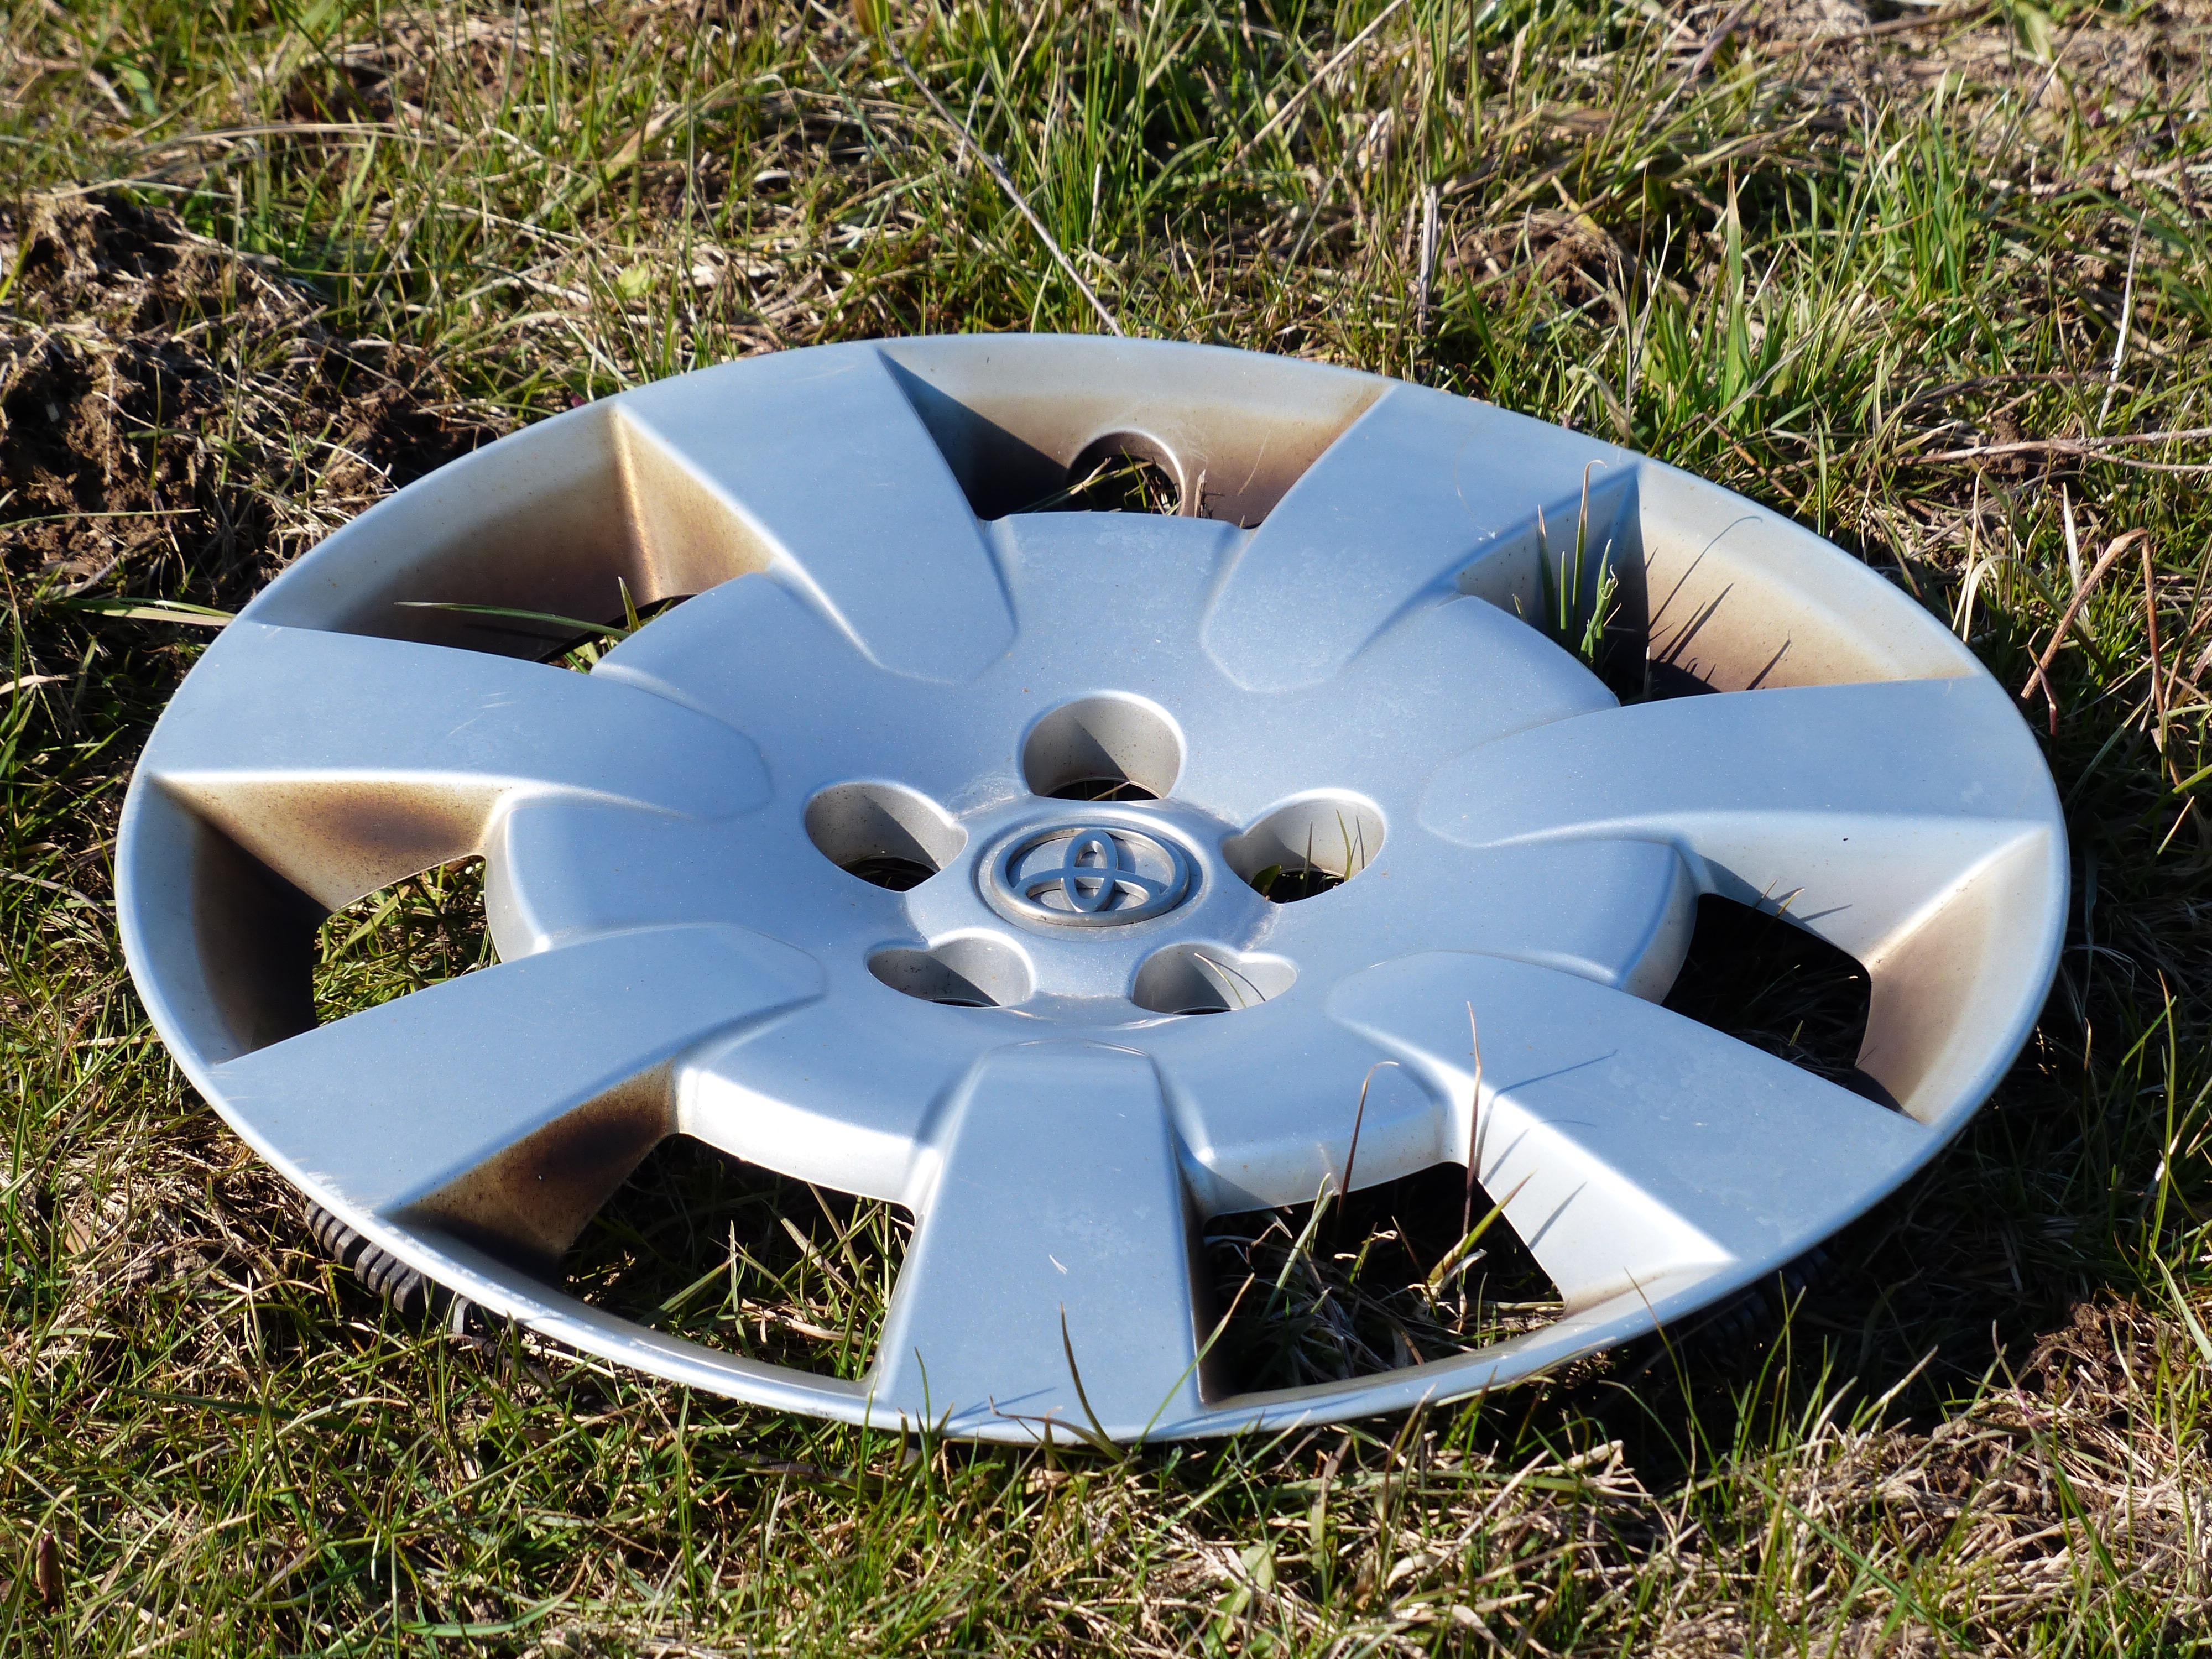 Kostenlose foto : Rad, Speiche, Reifen, Stoßstange, Rand, Abdeckung ...